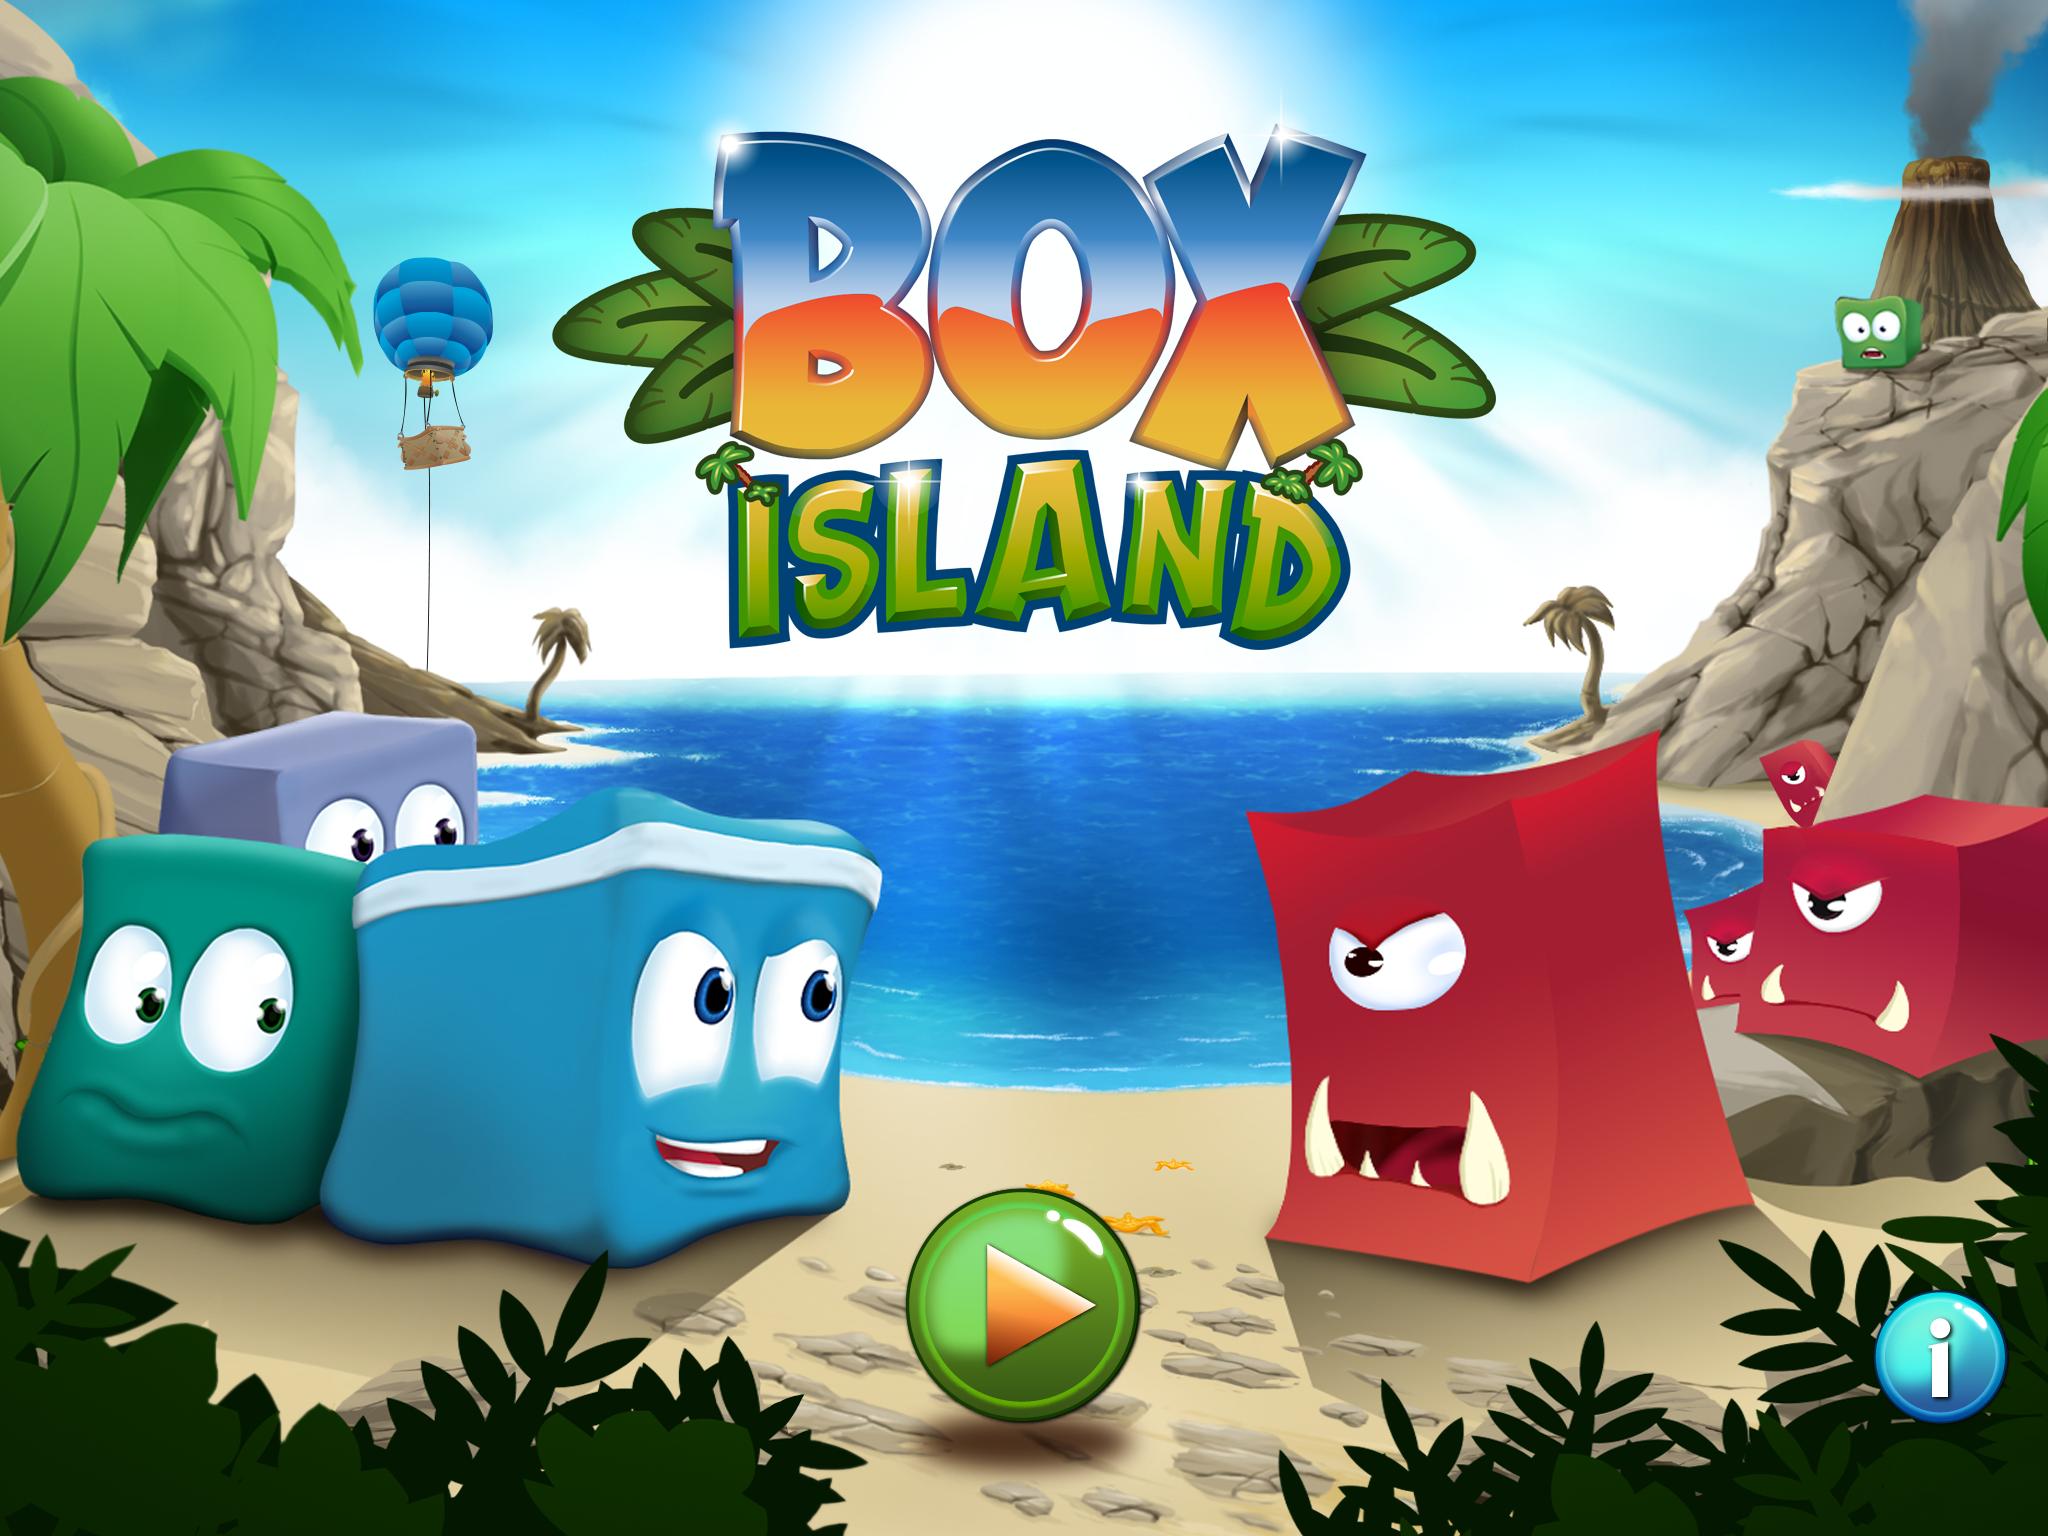 Meet Box Island, a new iOS game that aims to teach kids the